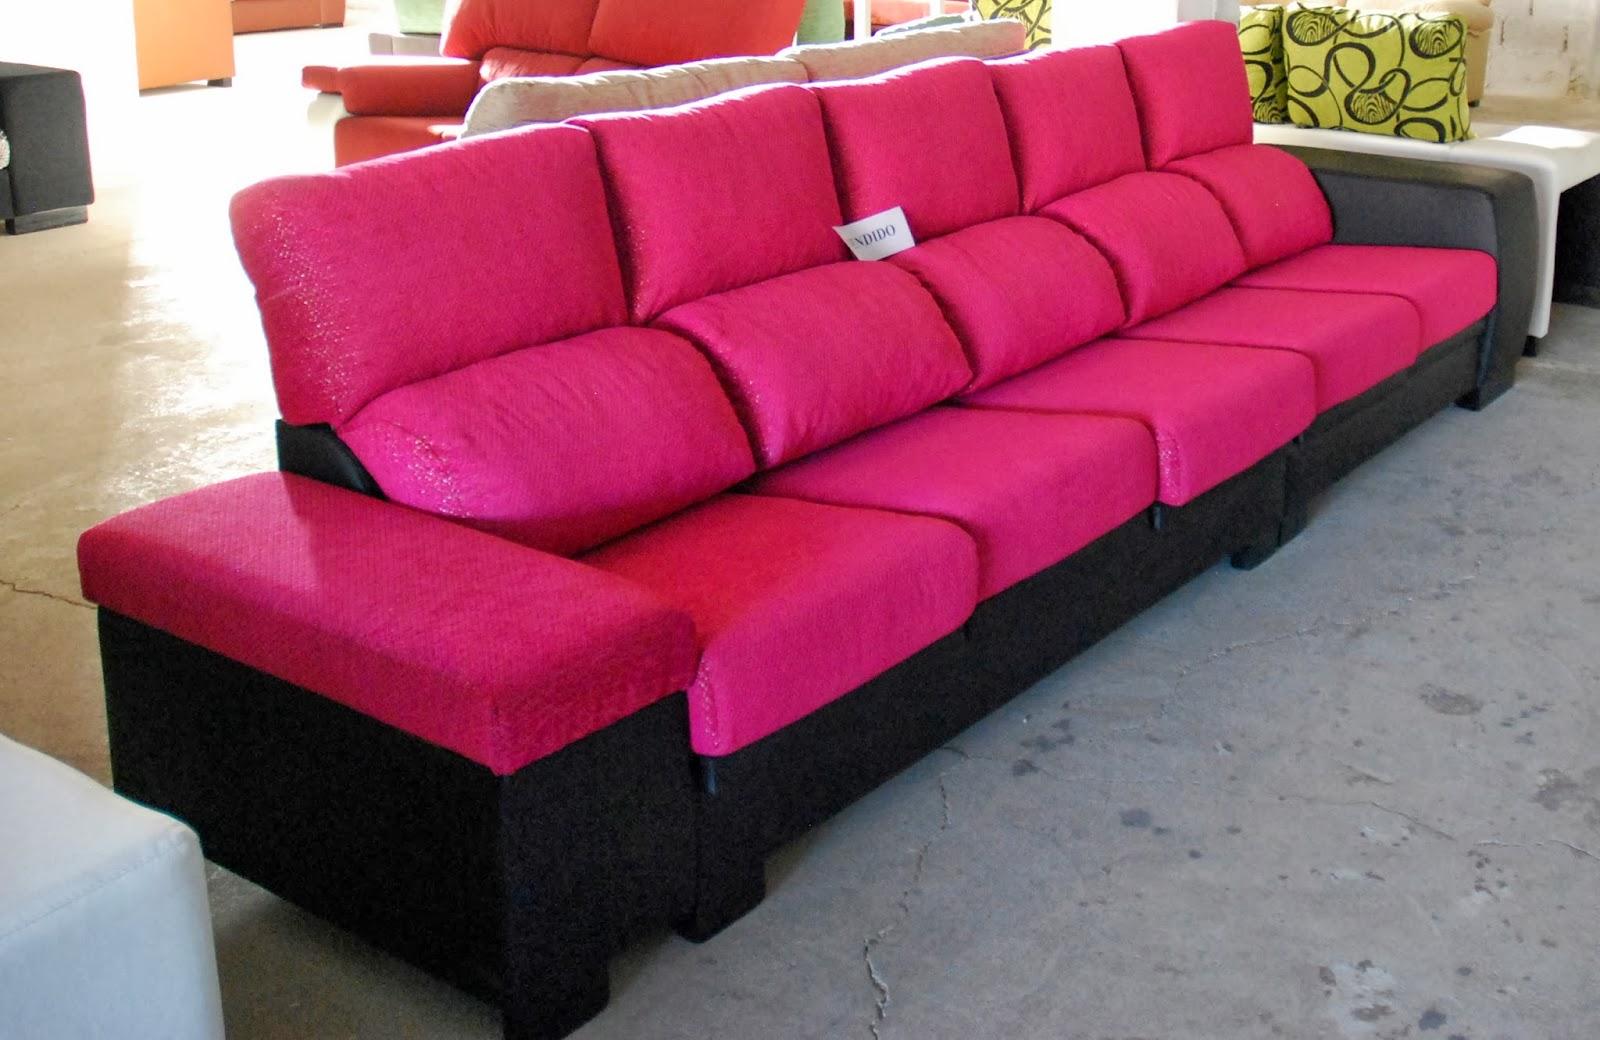 Jpeinado tapizados nuevos modelos precios bajos for Tapizados sofas precios